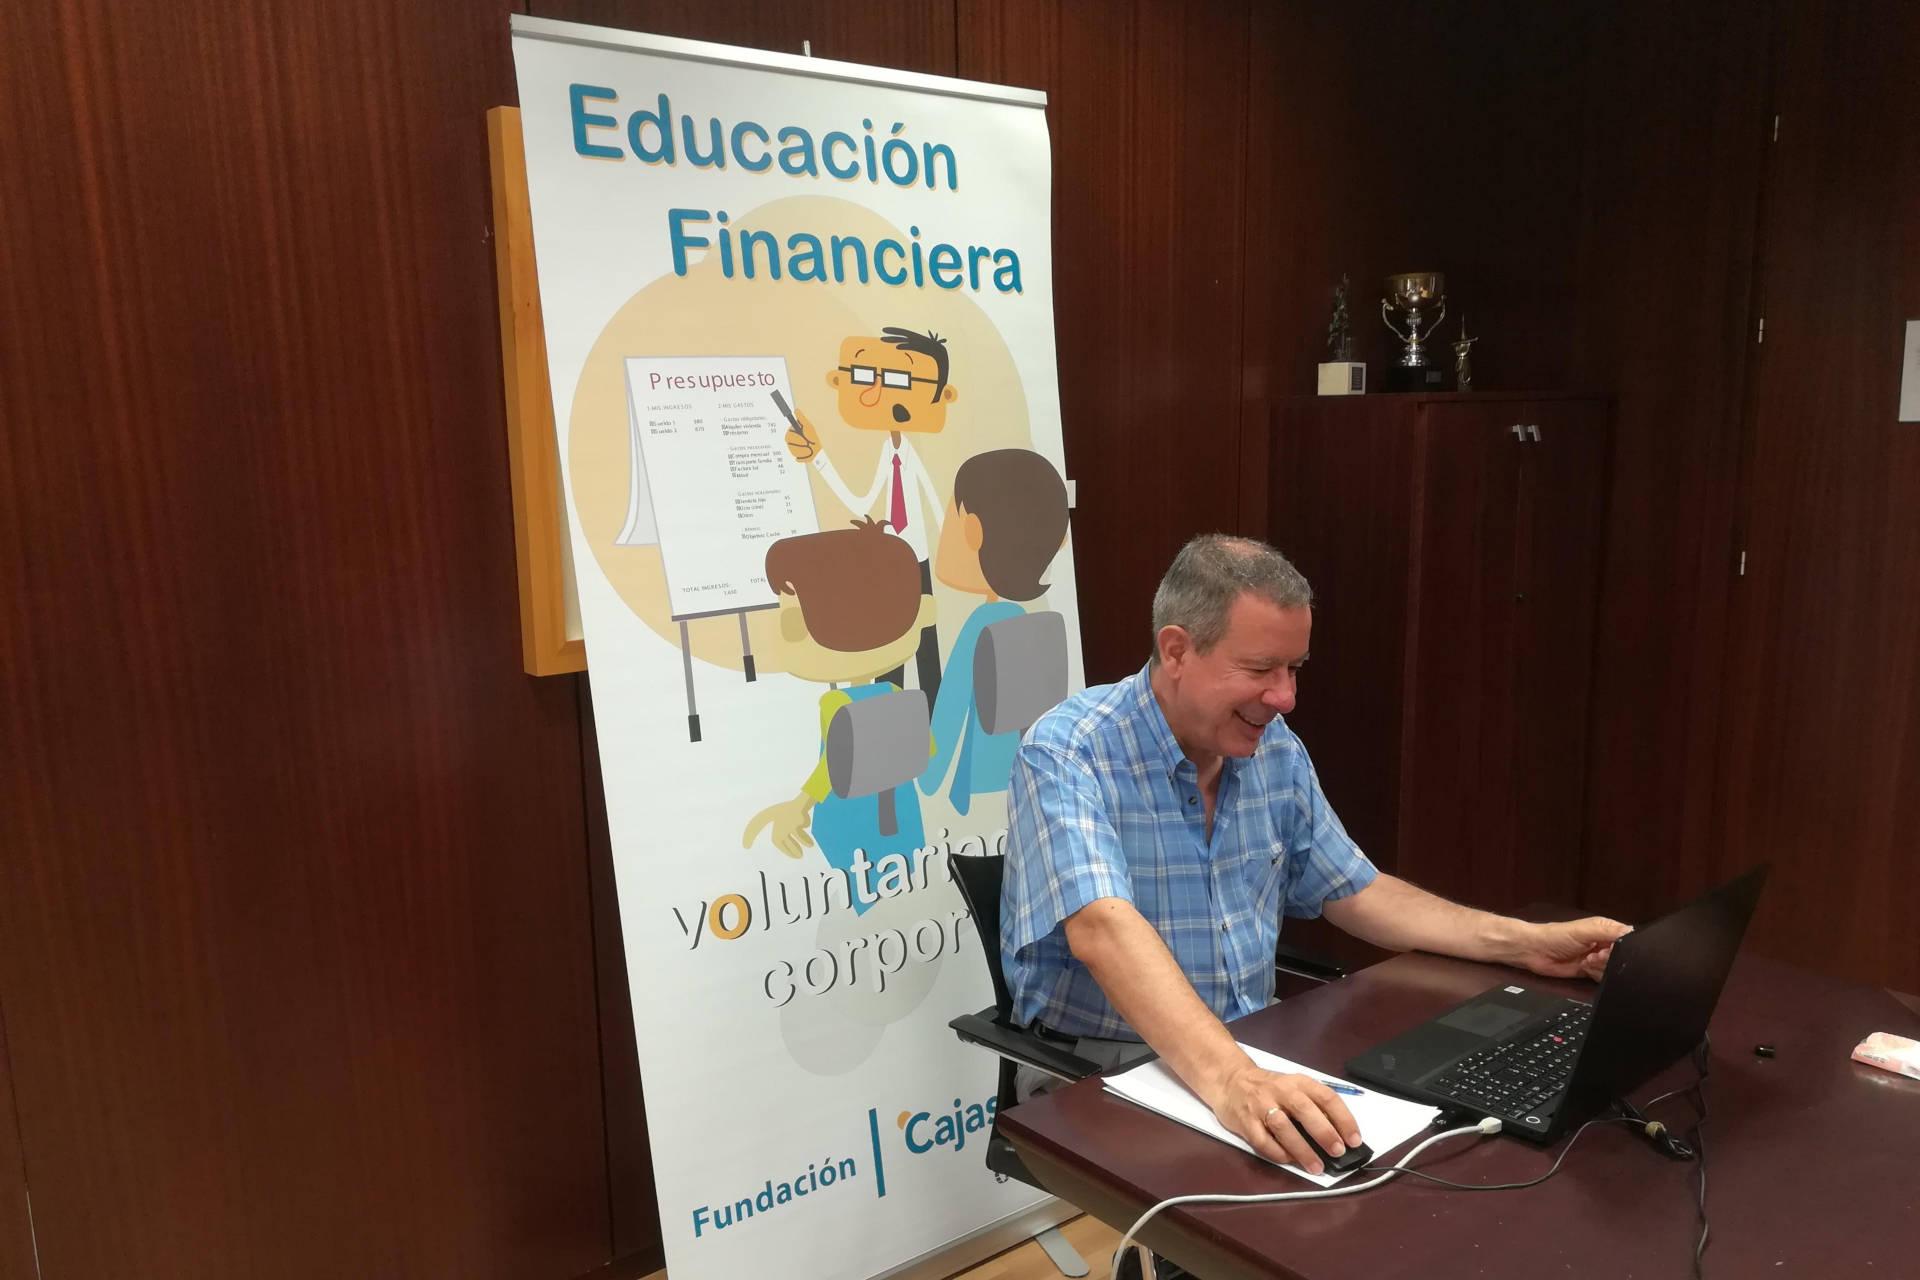 formacion virtual educacion financiera cajasol a lanzaderas empleo fundacion santa maria la real voluntariado corporativo